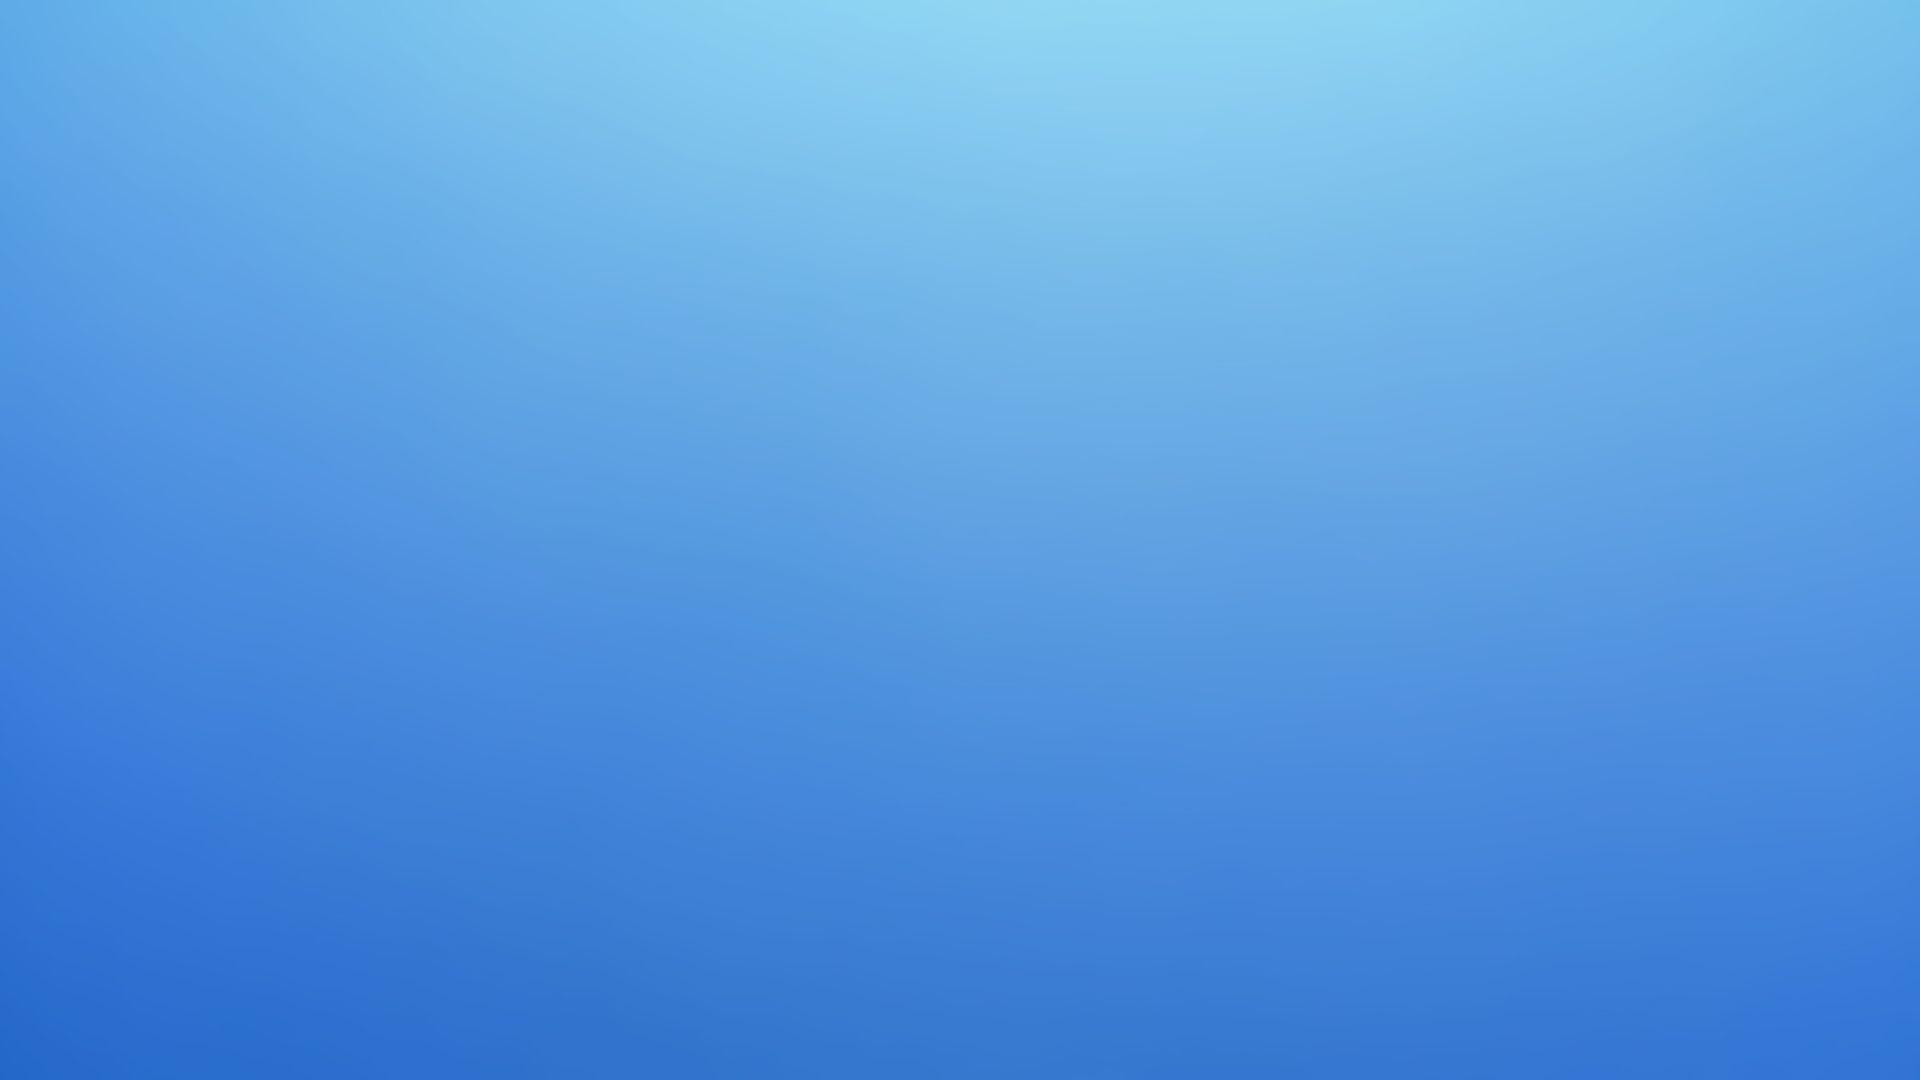 susija™s vaizdas blue pinterest sky night tree silhouette and silhouettes